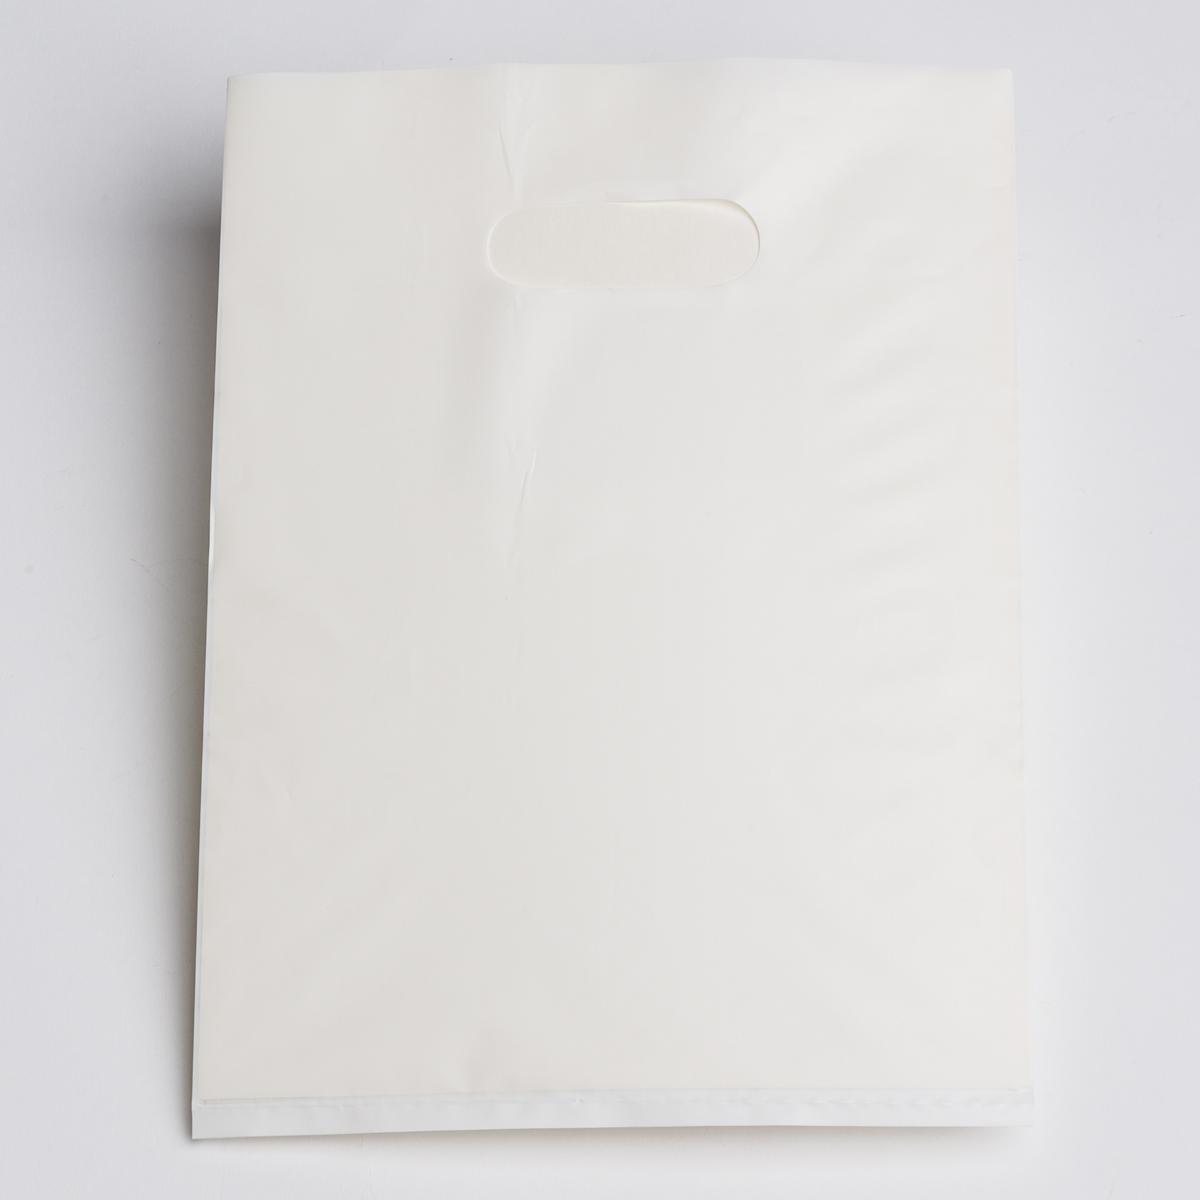 WHITE FLAT PLASTIC